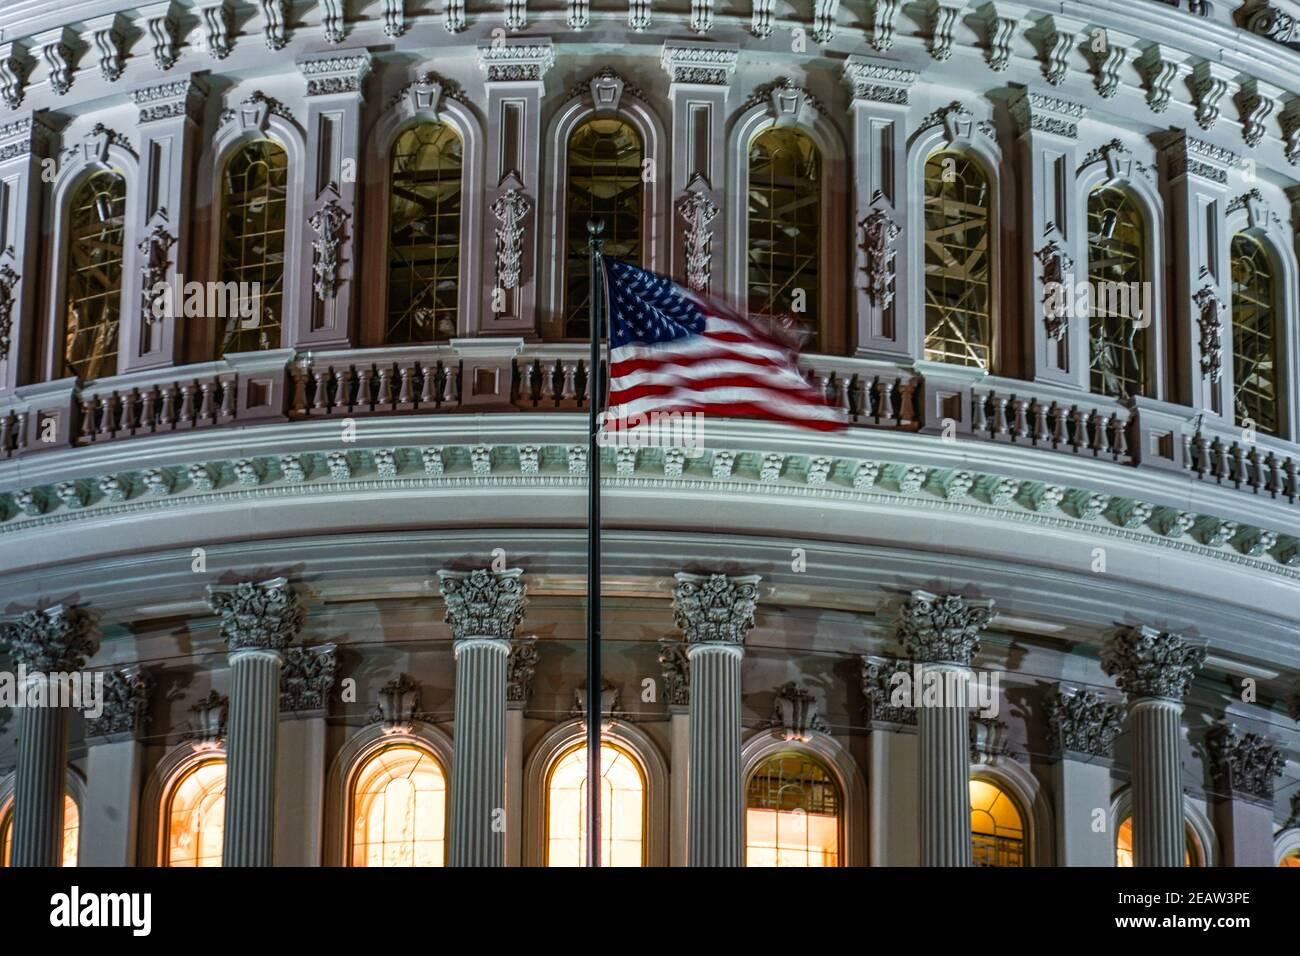 Capitole des États-Unis (Capitole des États-Unis) Banque D'Images